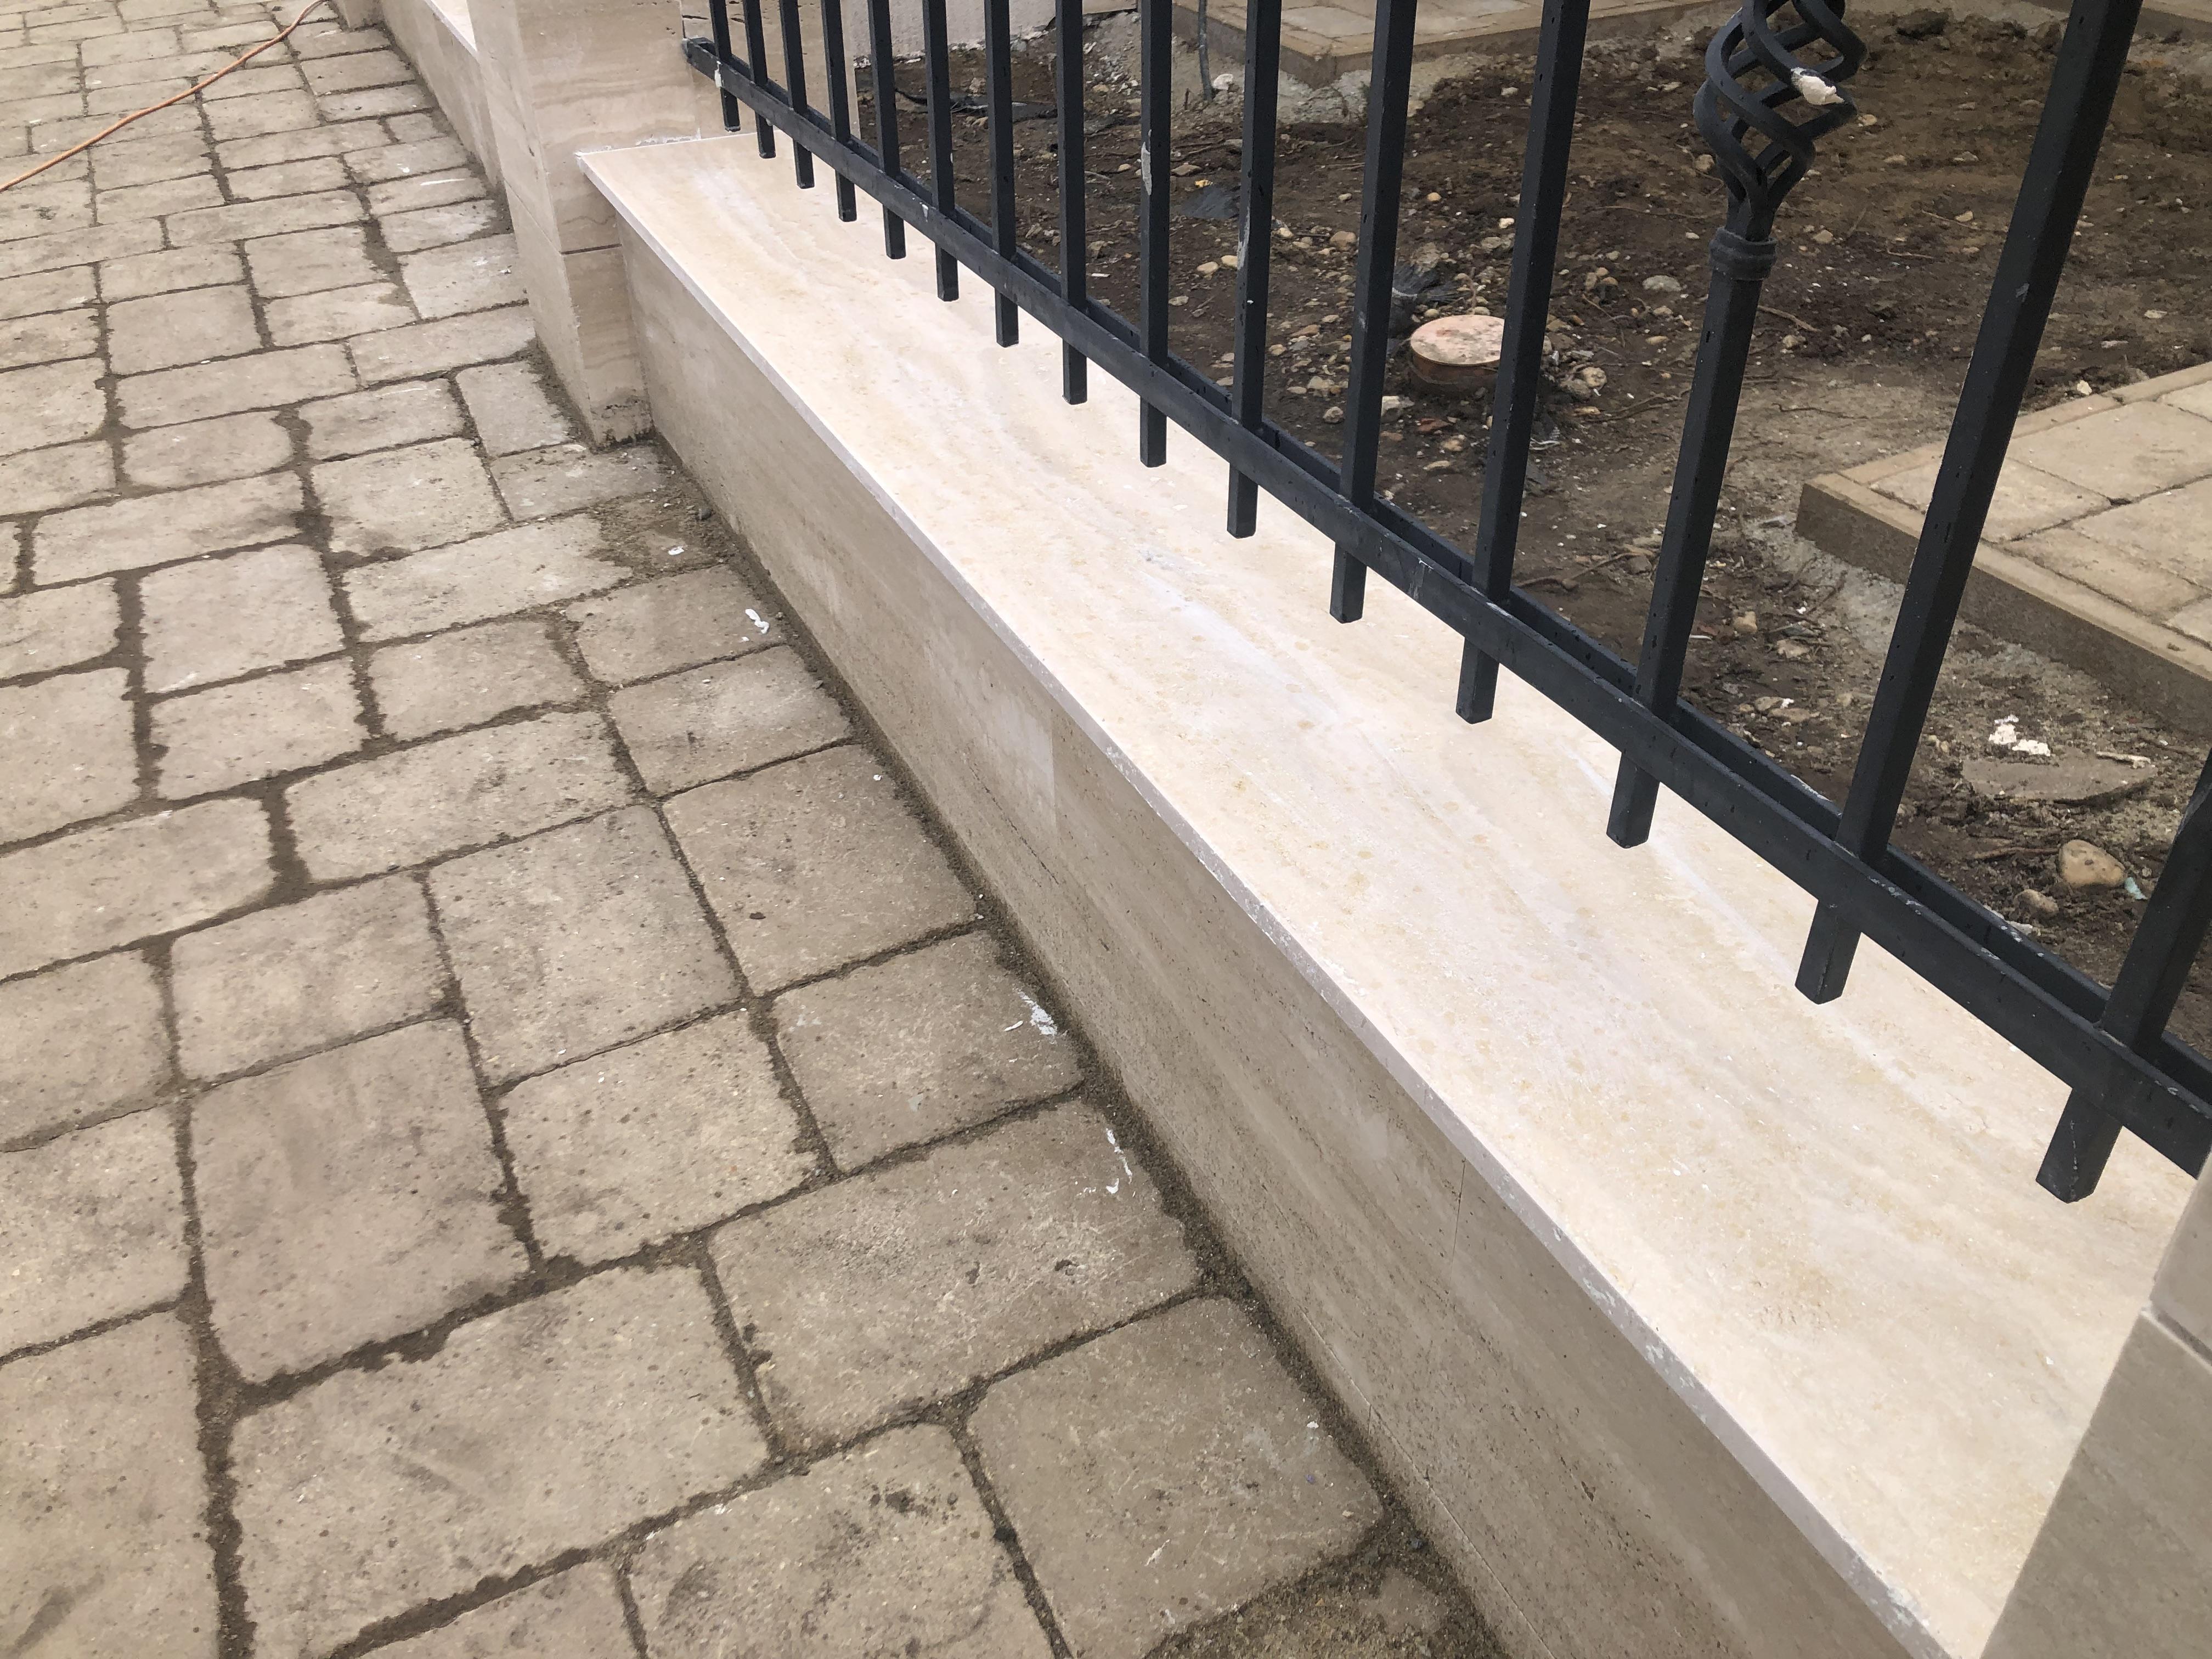 Travertin kerítés fedlap 2cm vastagságban 2 oldali élfénnyel és vízorozással